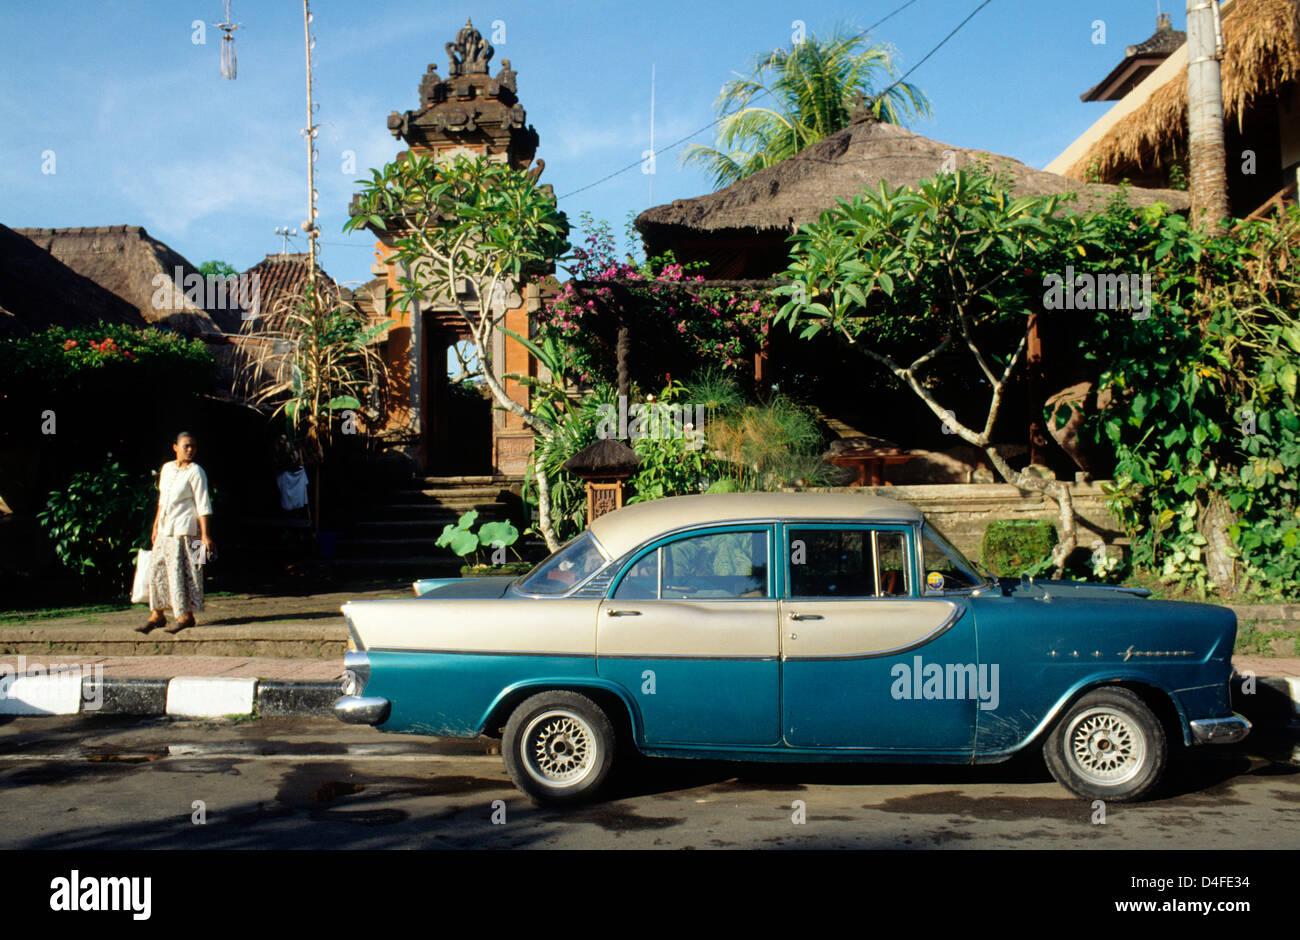 Ubud. Bali. Indonesia - Stock Image